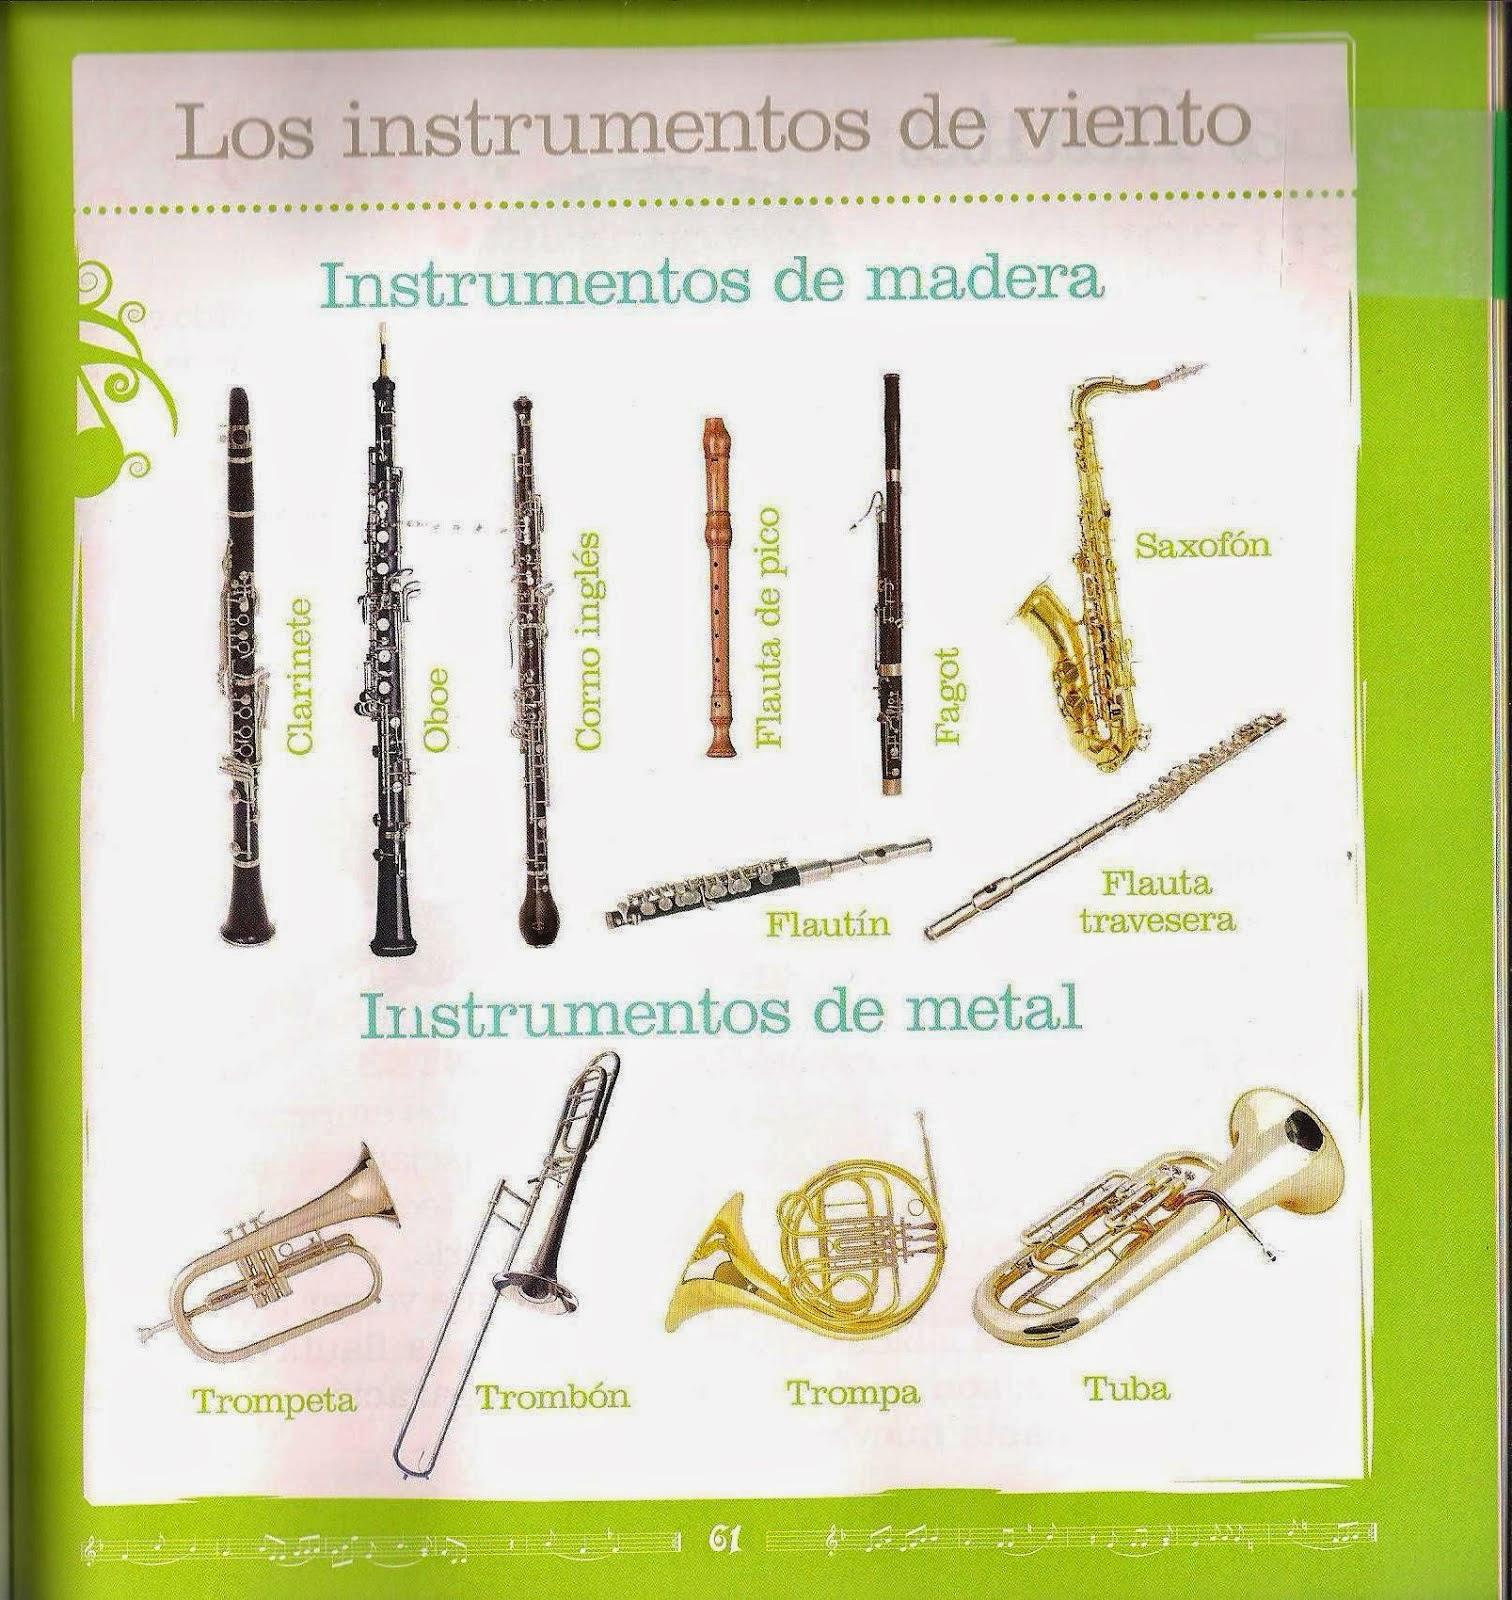 El rinc n de m sica aprendemos los instrumentos musicales for La beta de la madera